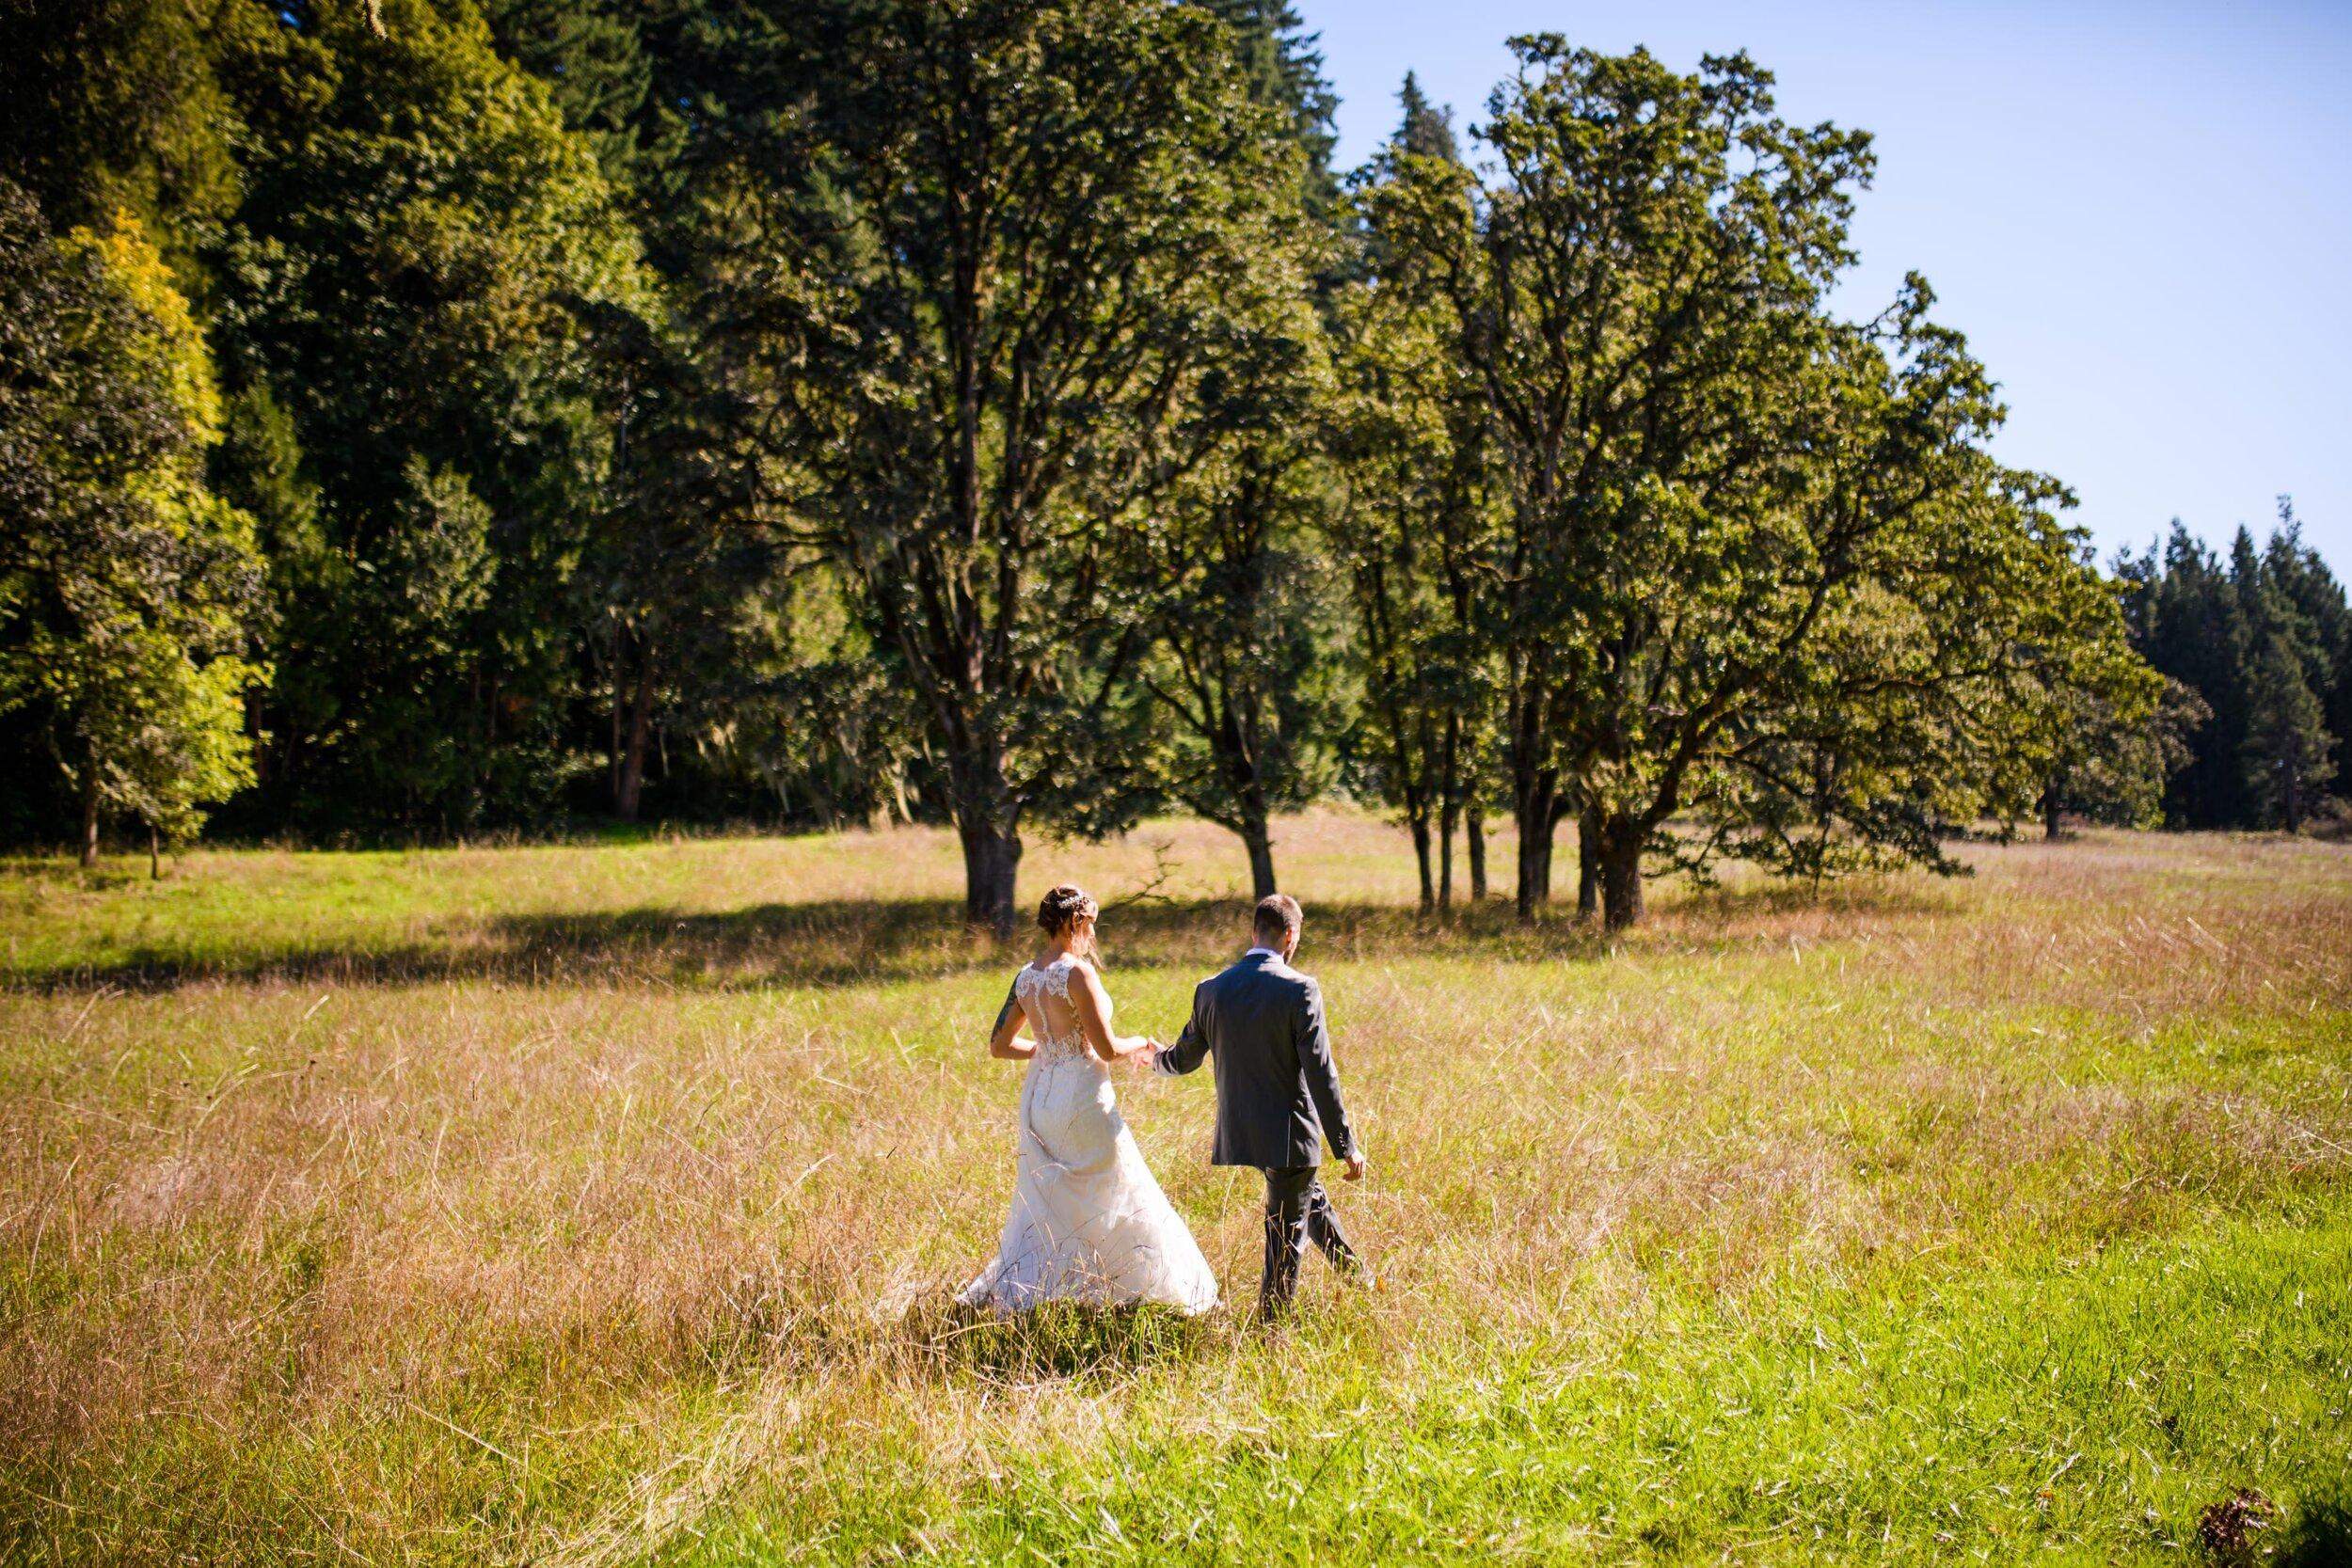 Mt. Pisgah Arboretum wedding photos 49.JPG